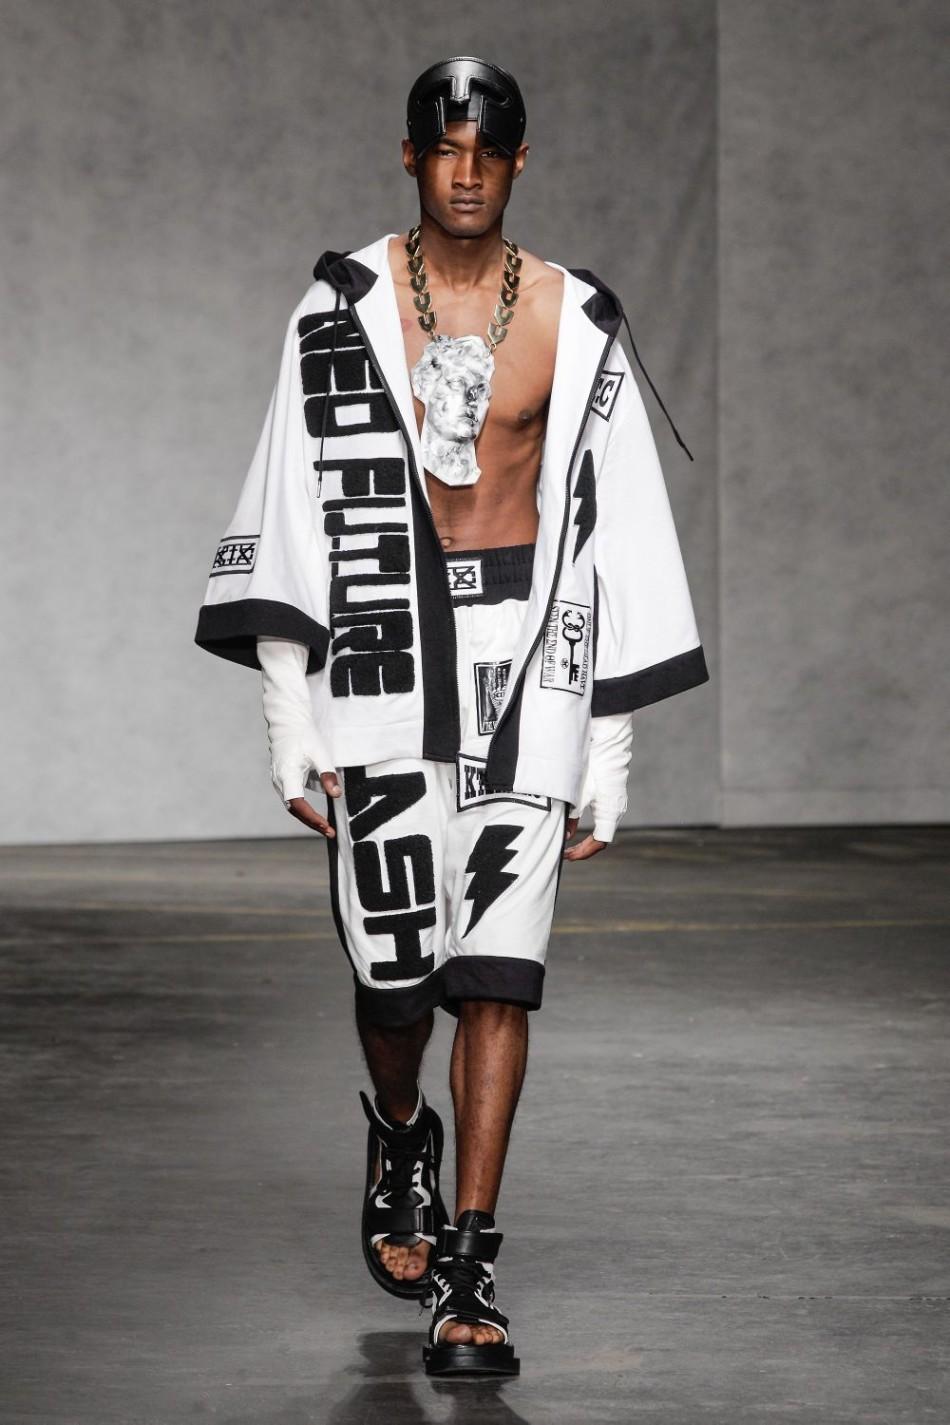 """但ktz 2015春夏男装系列难能可贵的是设计师走出""""黑白""""世界,加入激情"""